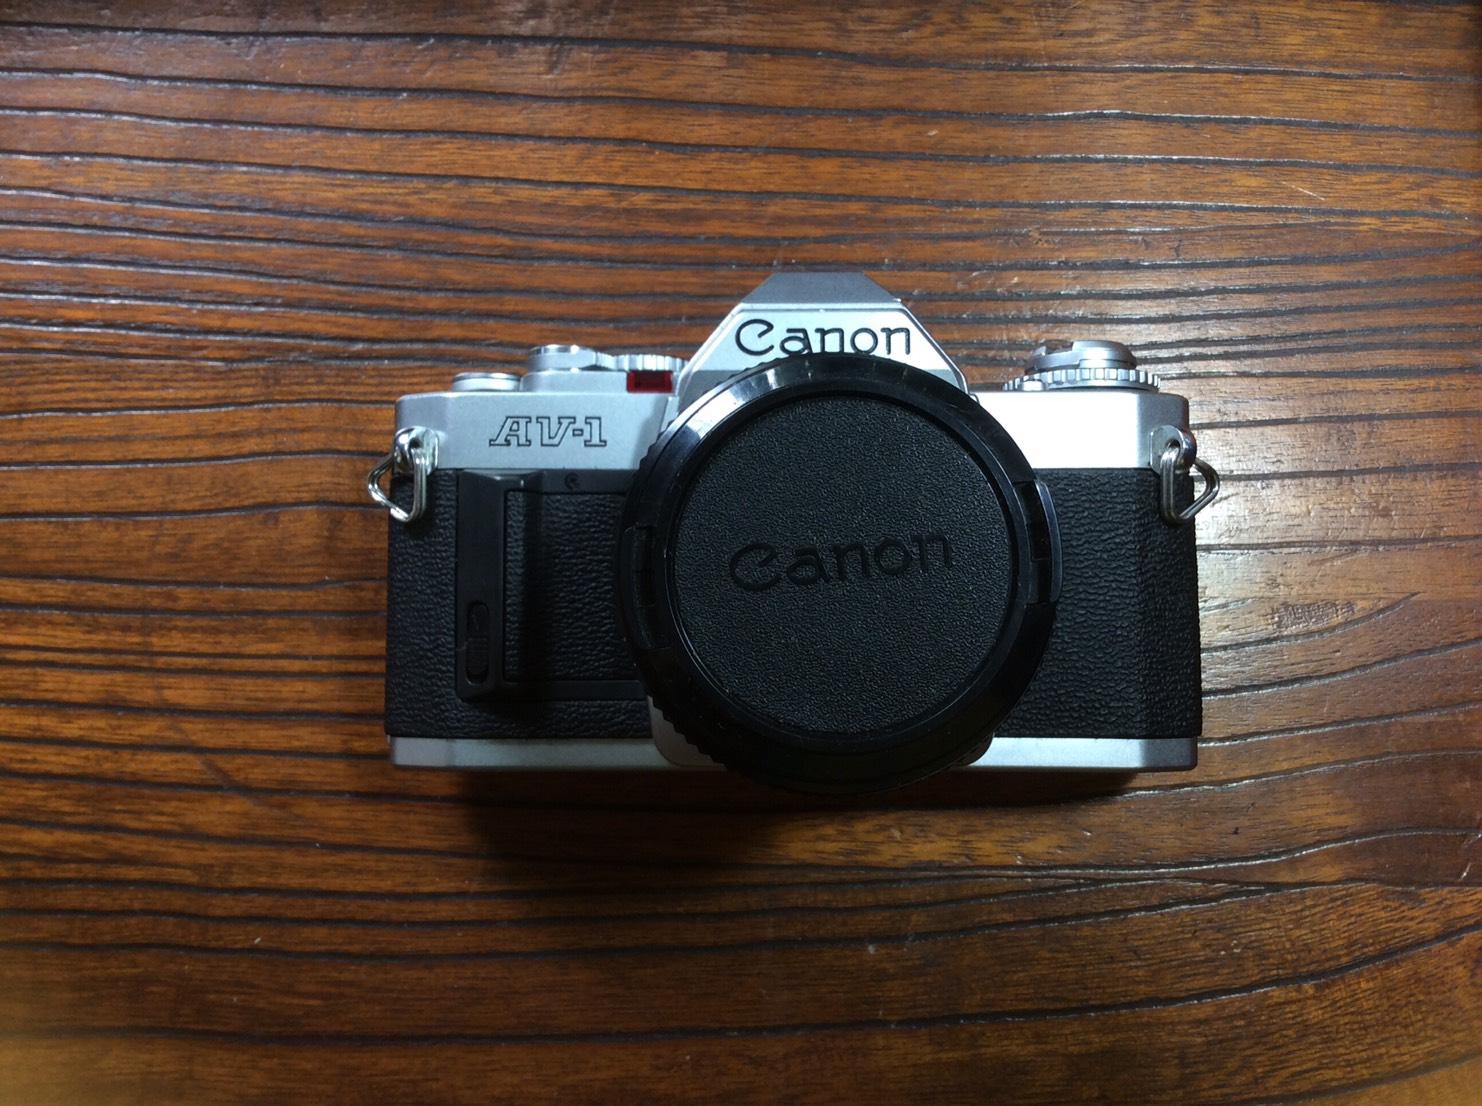 Canon AV-1 Canon Lens FD 50mm.F1.8